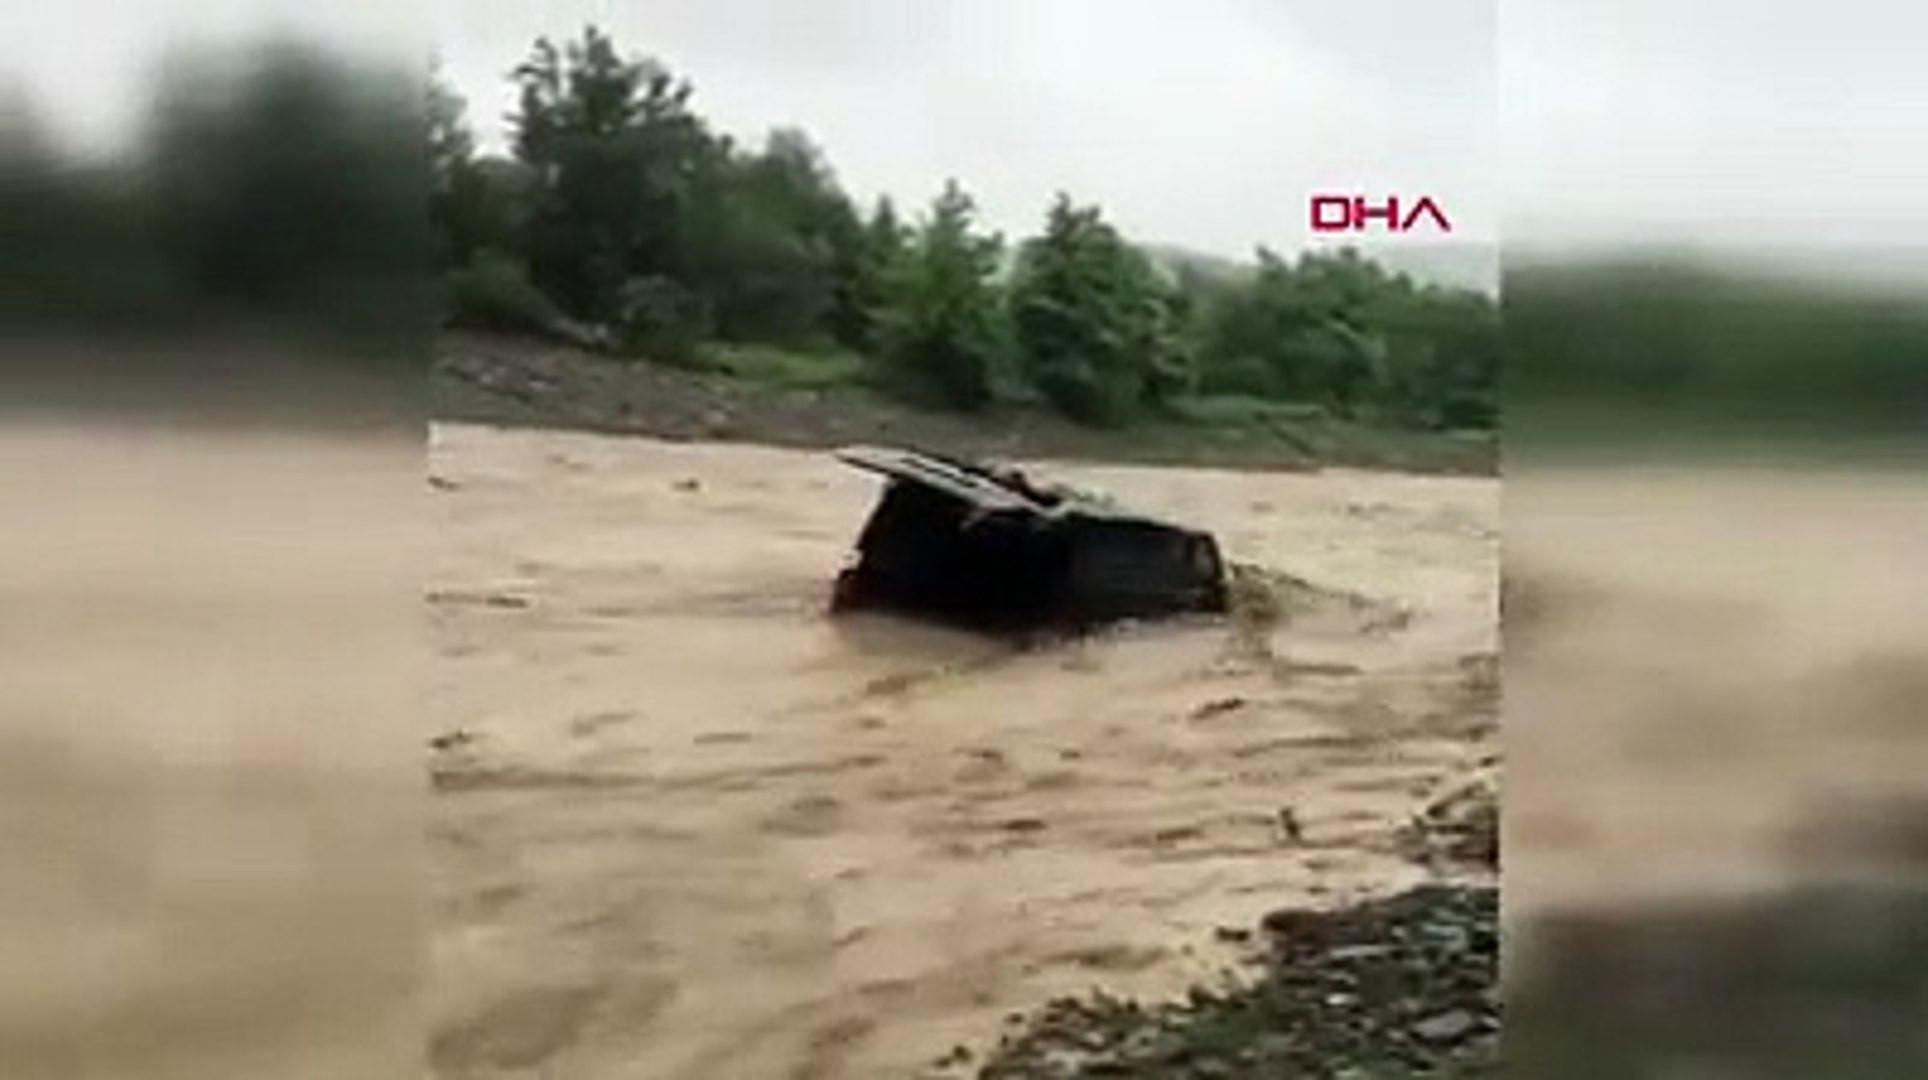 Samsun'da sel felaketi: Aracın sel sularına kapıldığı anlar kamerada